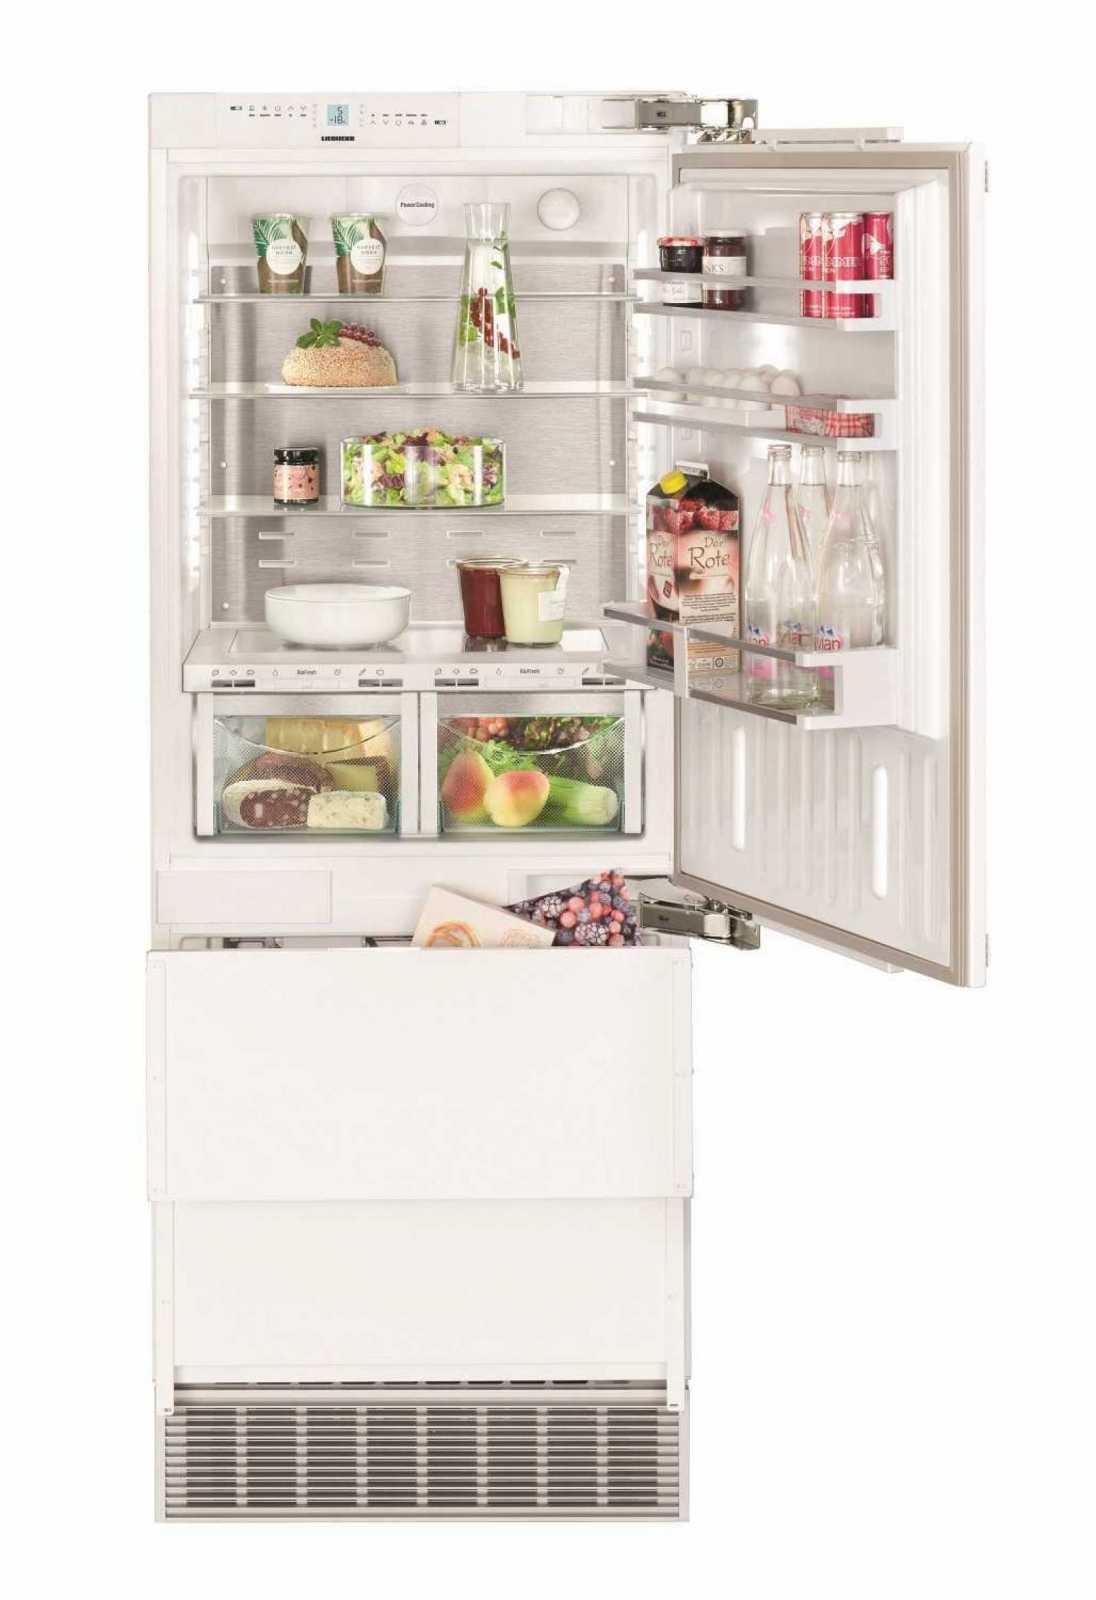 Встраиваемый двухкамерный холодильник Liebherr ECBN 5066 купить украина